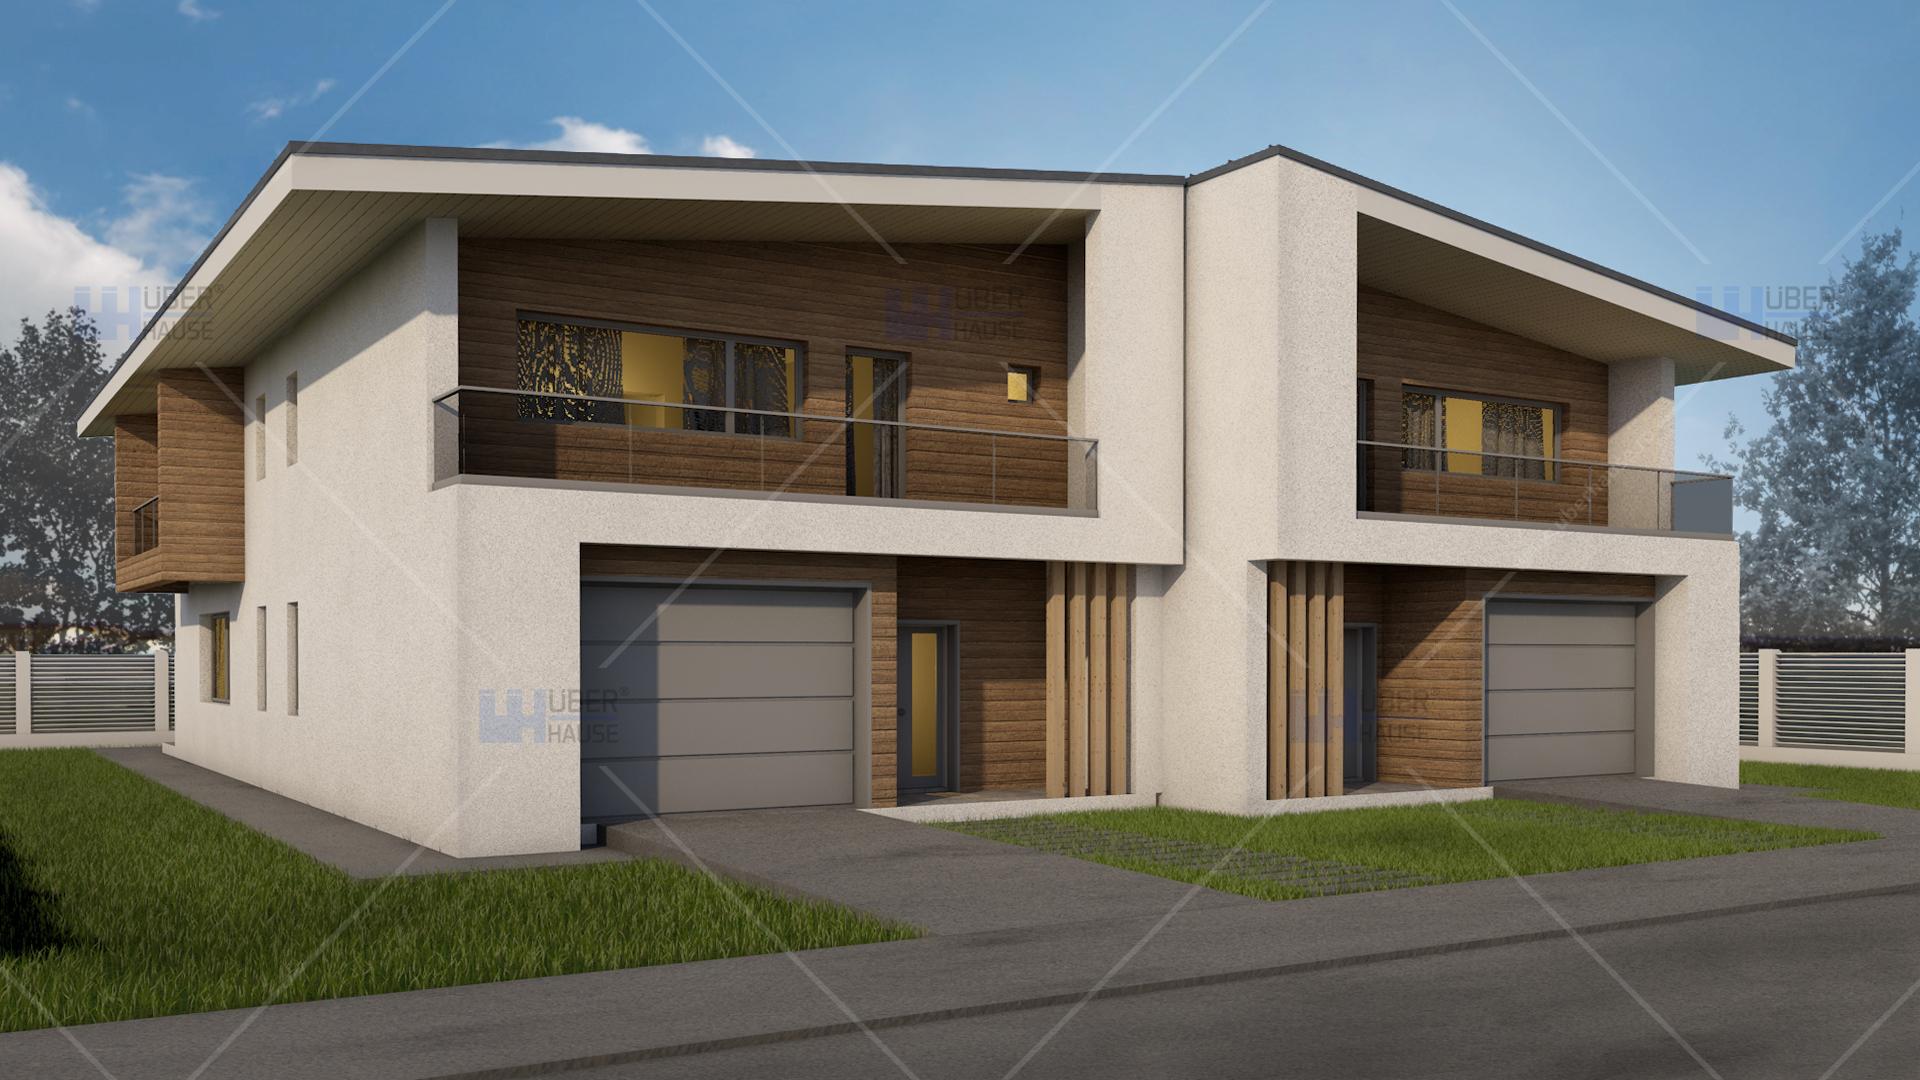 Proiect duplex parter mansarda 390 mp teea for Modele de duplex